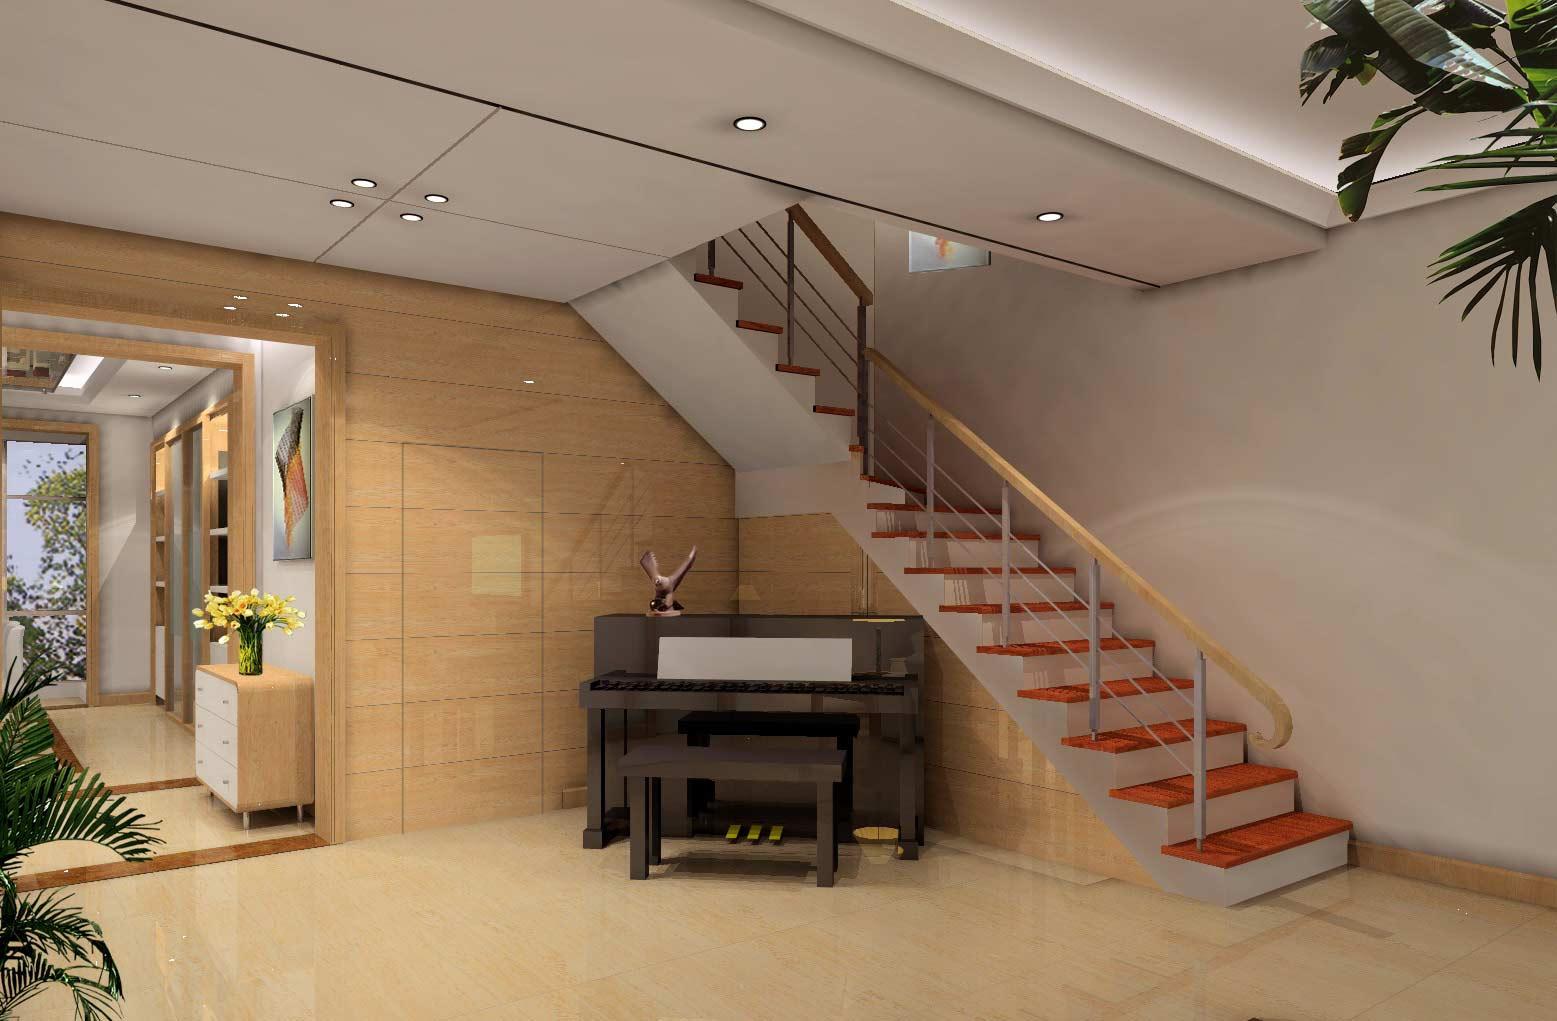 楼梯间的客厅 可以很不一样_齐家网装修效果图